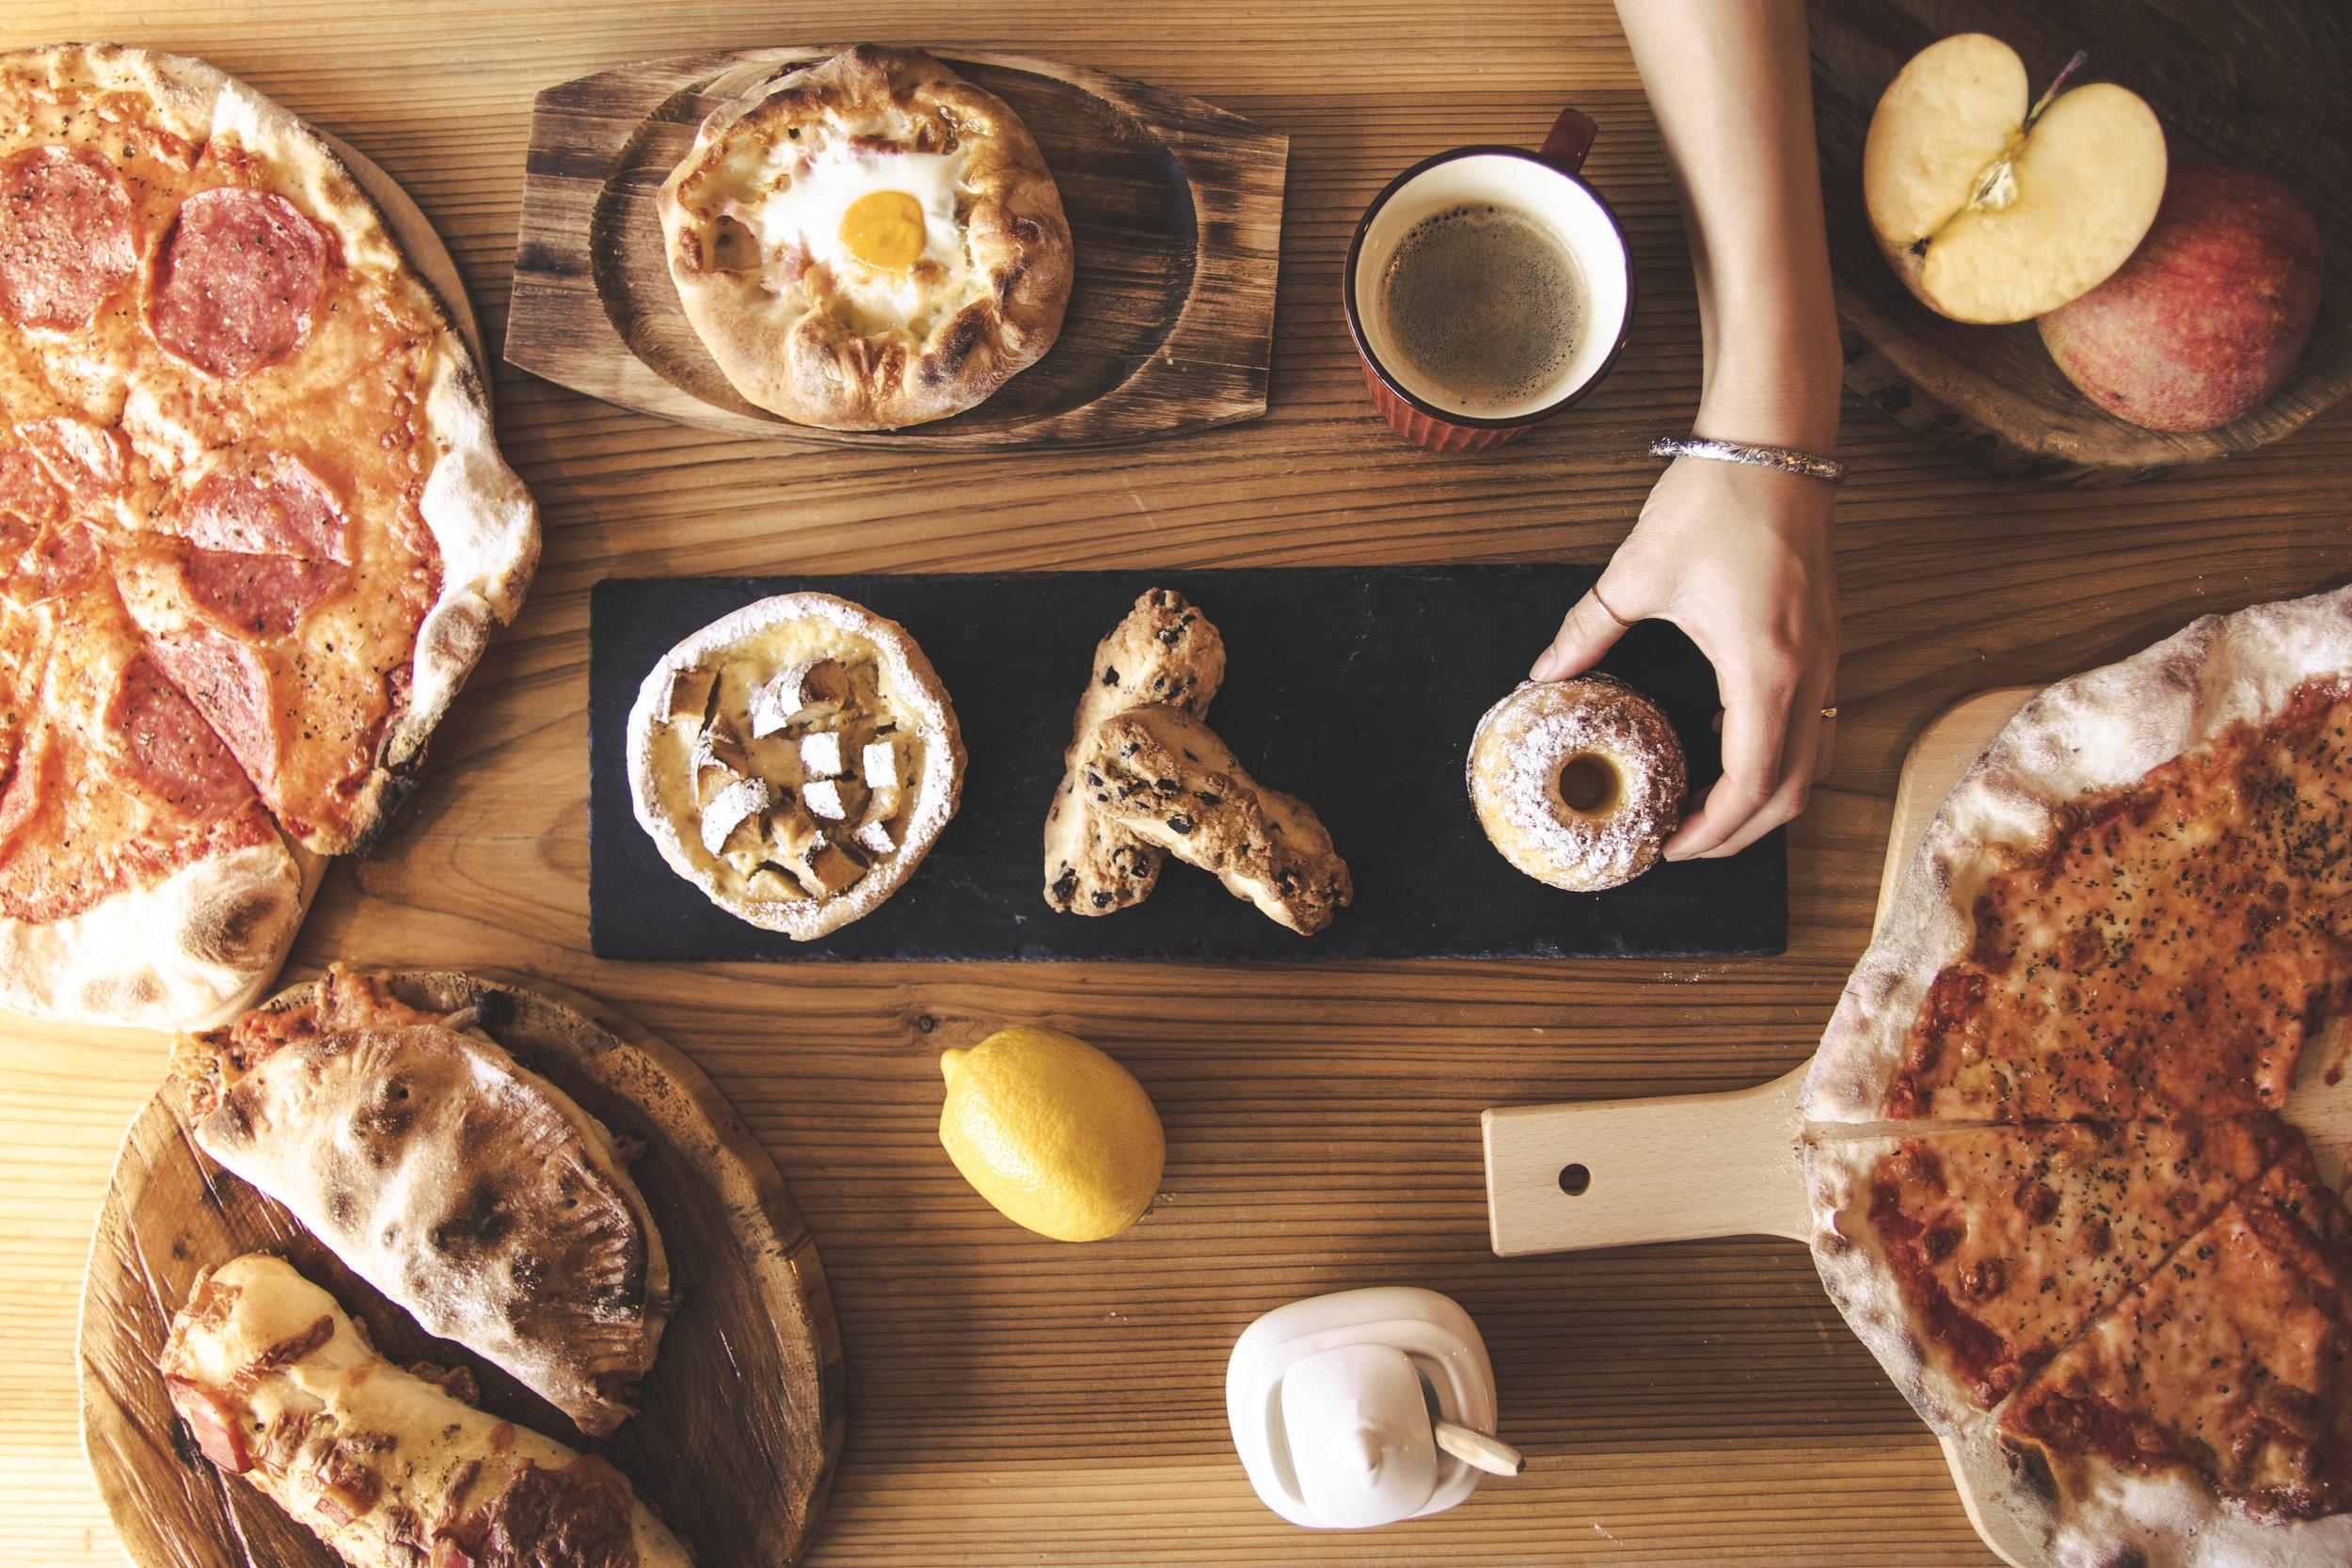 Akari Swiss Bakery